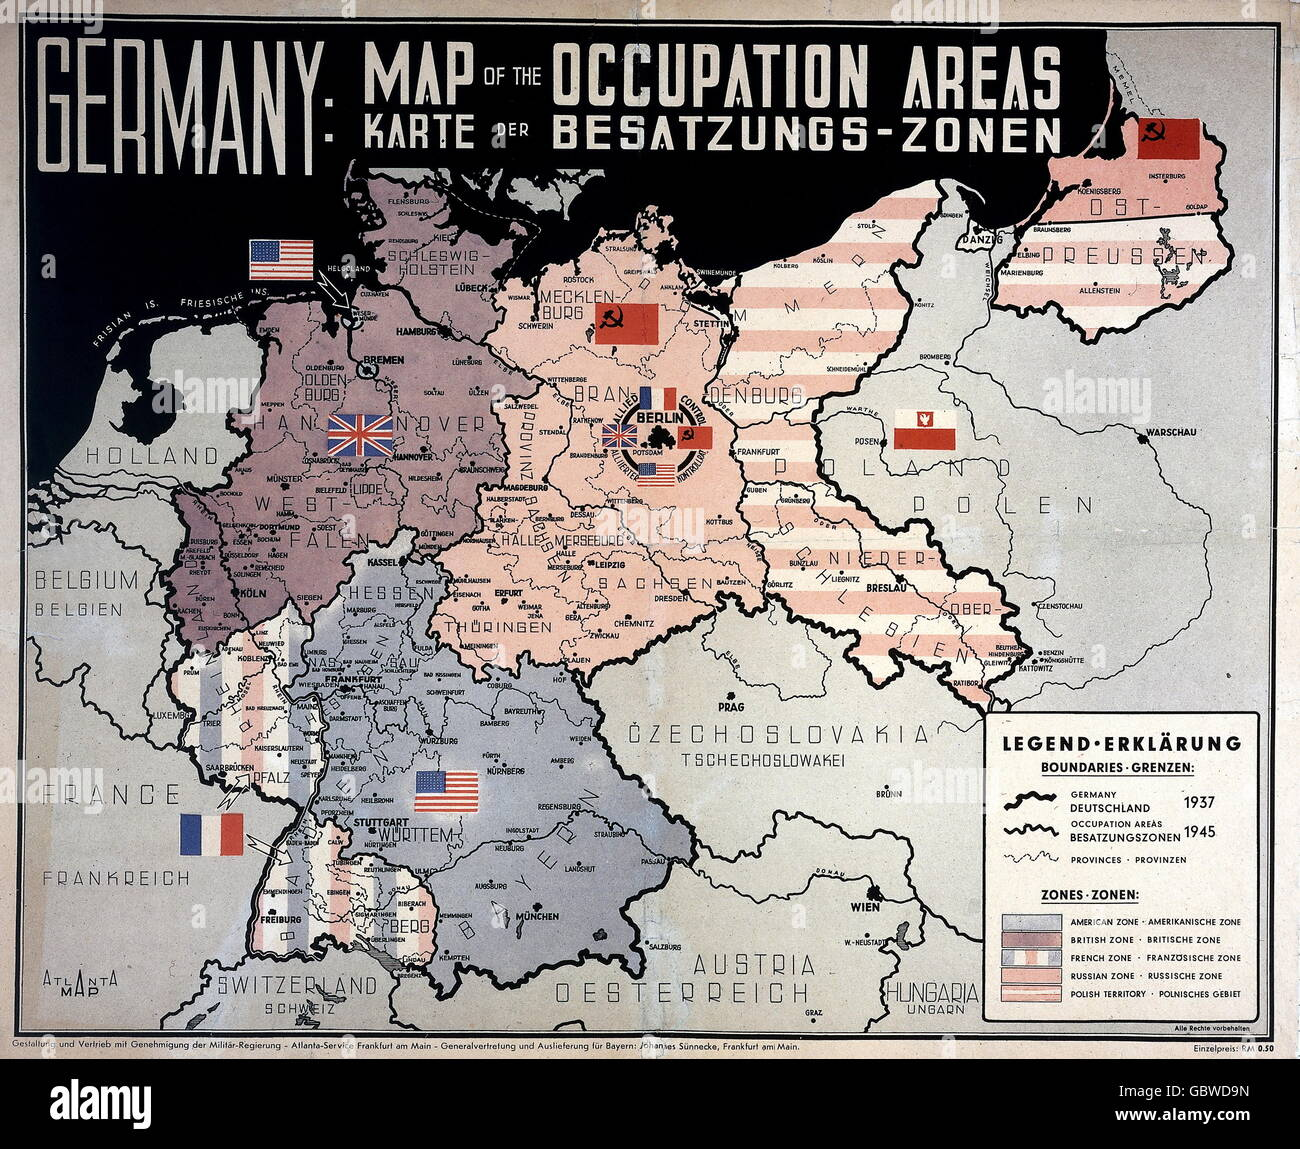 Carte Allemagne Apres Guerre.Apres Guerre L Allemagne L Occupation Alliee La Carte De L